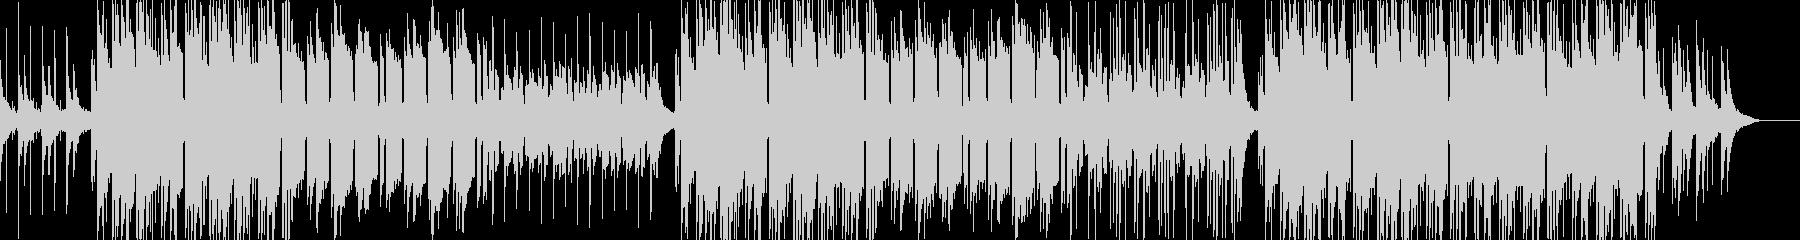 優しいメロディのローファイヒップホップの未再生の波形